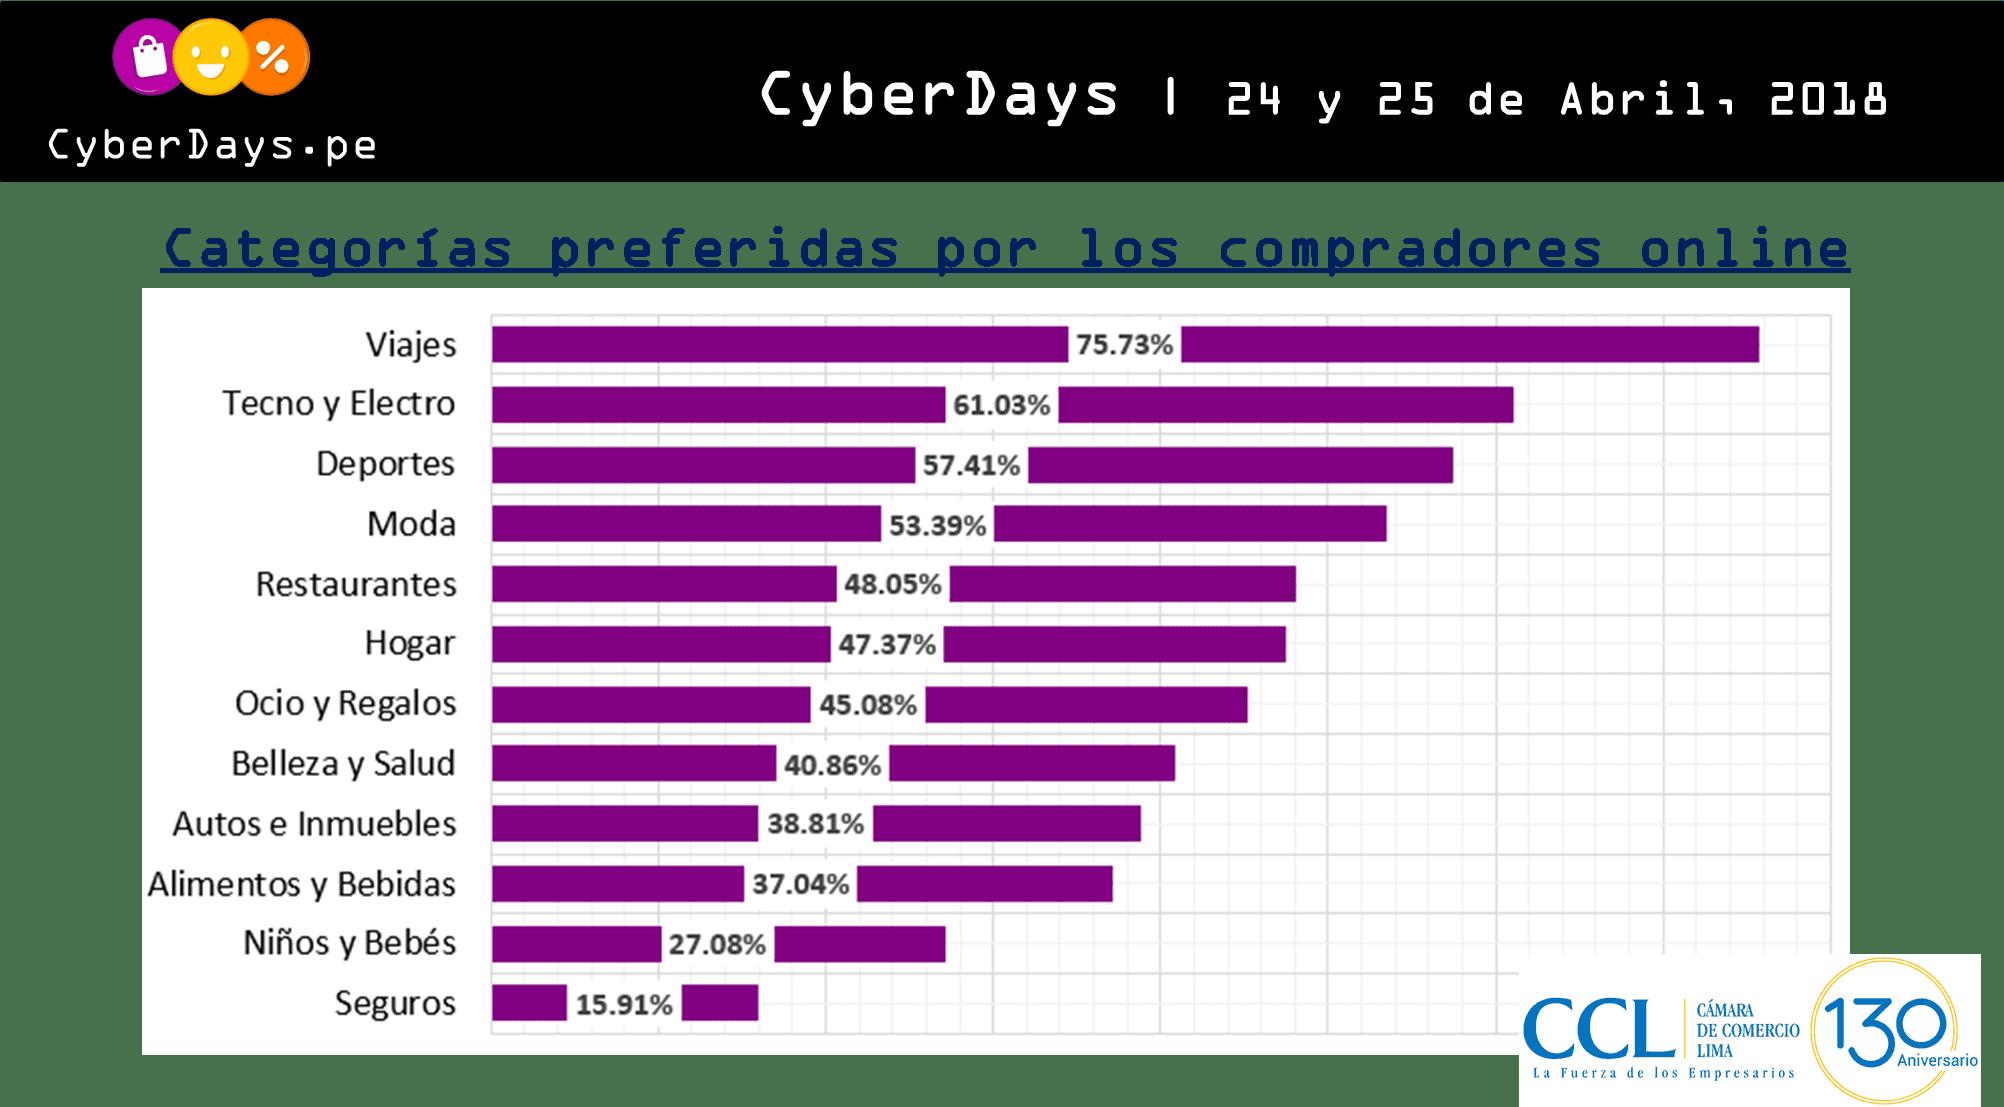 Cyber Days 2018 - Cyber Days 2018: Comercio electrónico movería US$ 3.000 millones en Perú este año